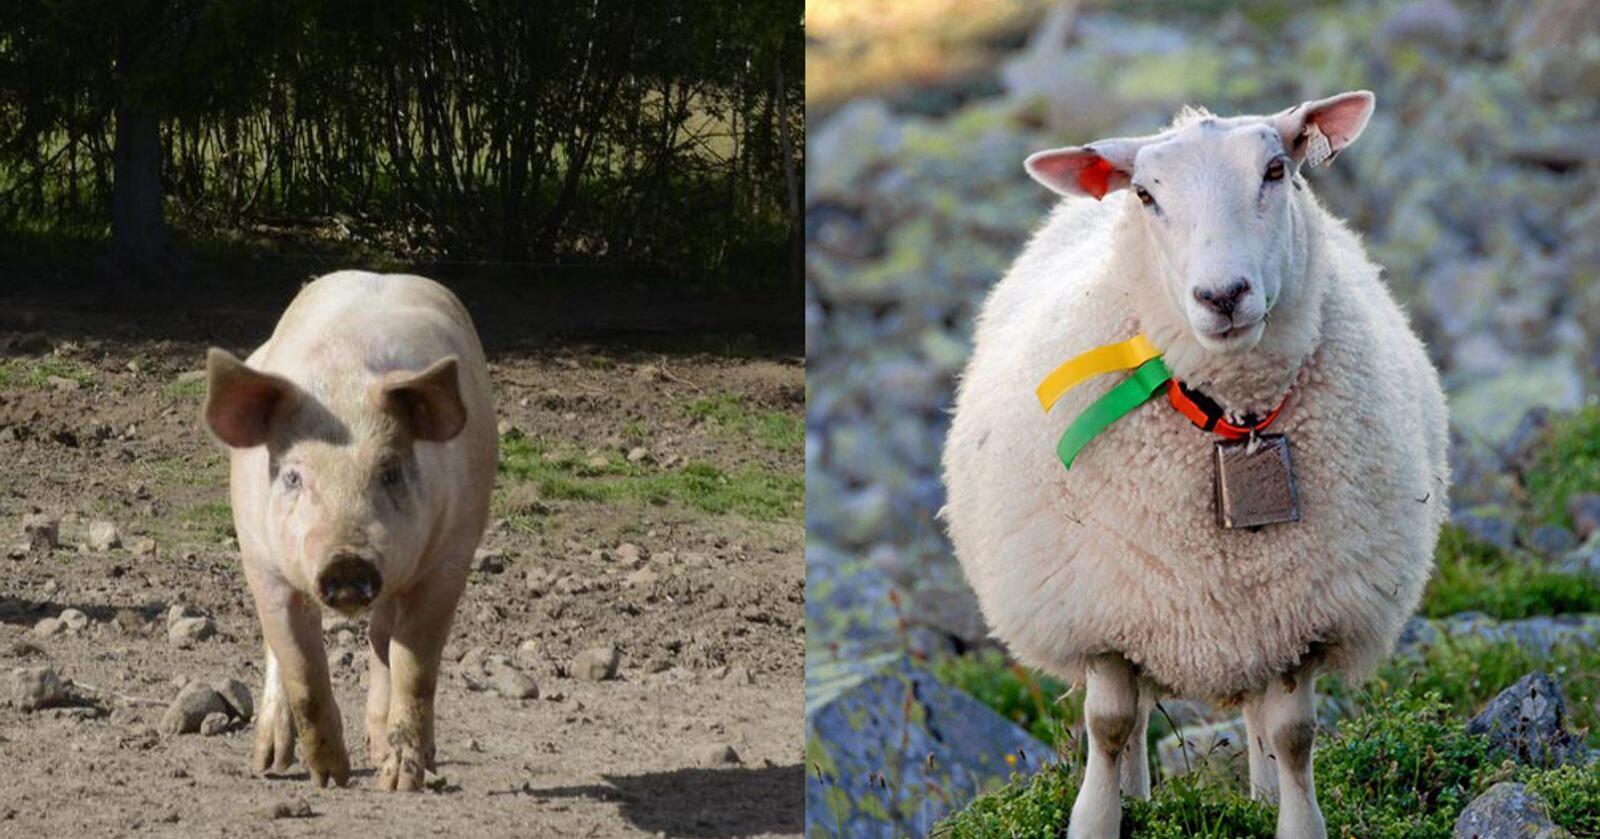 Svinebesetninger og flytting av småfe vil ha ekstra fokus i årets tilsynsrunder. Foto: Mariann Tvete og Mostphotos